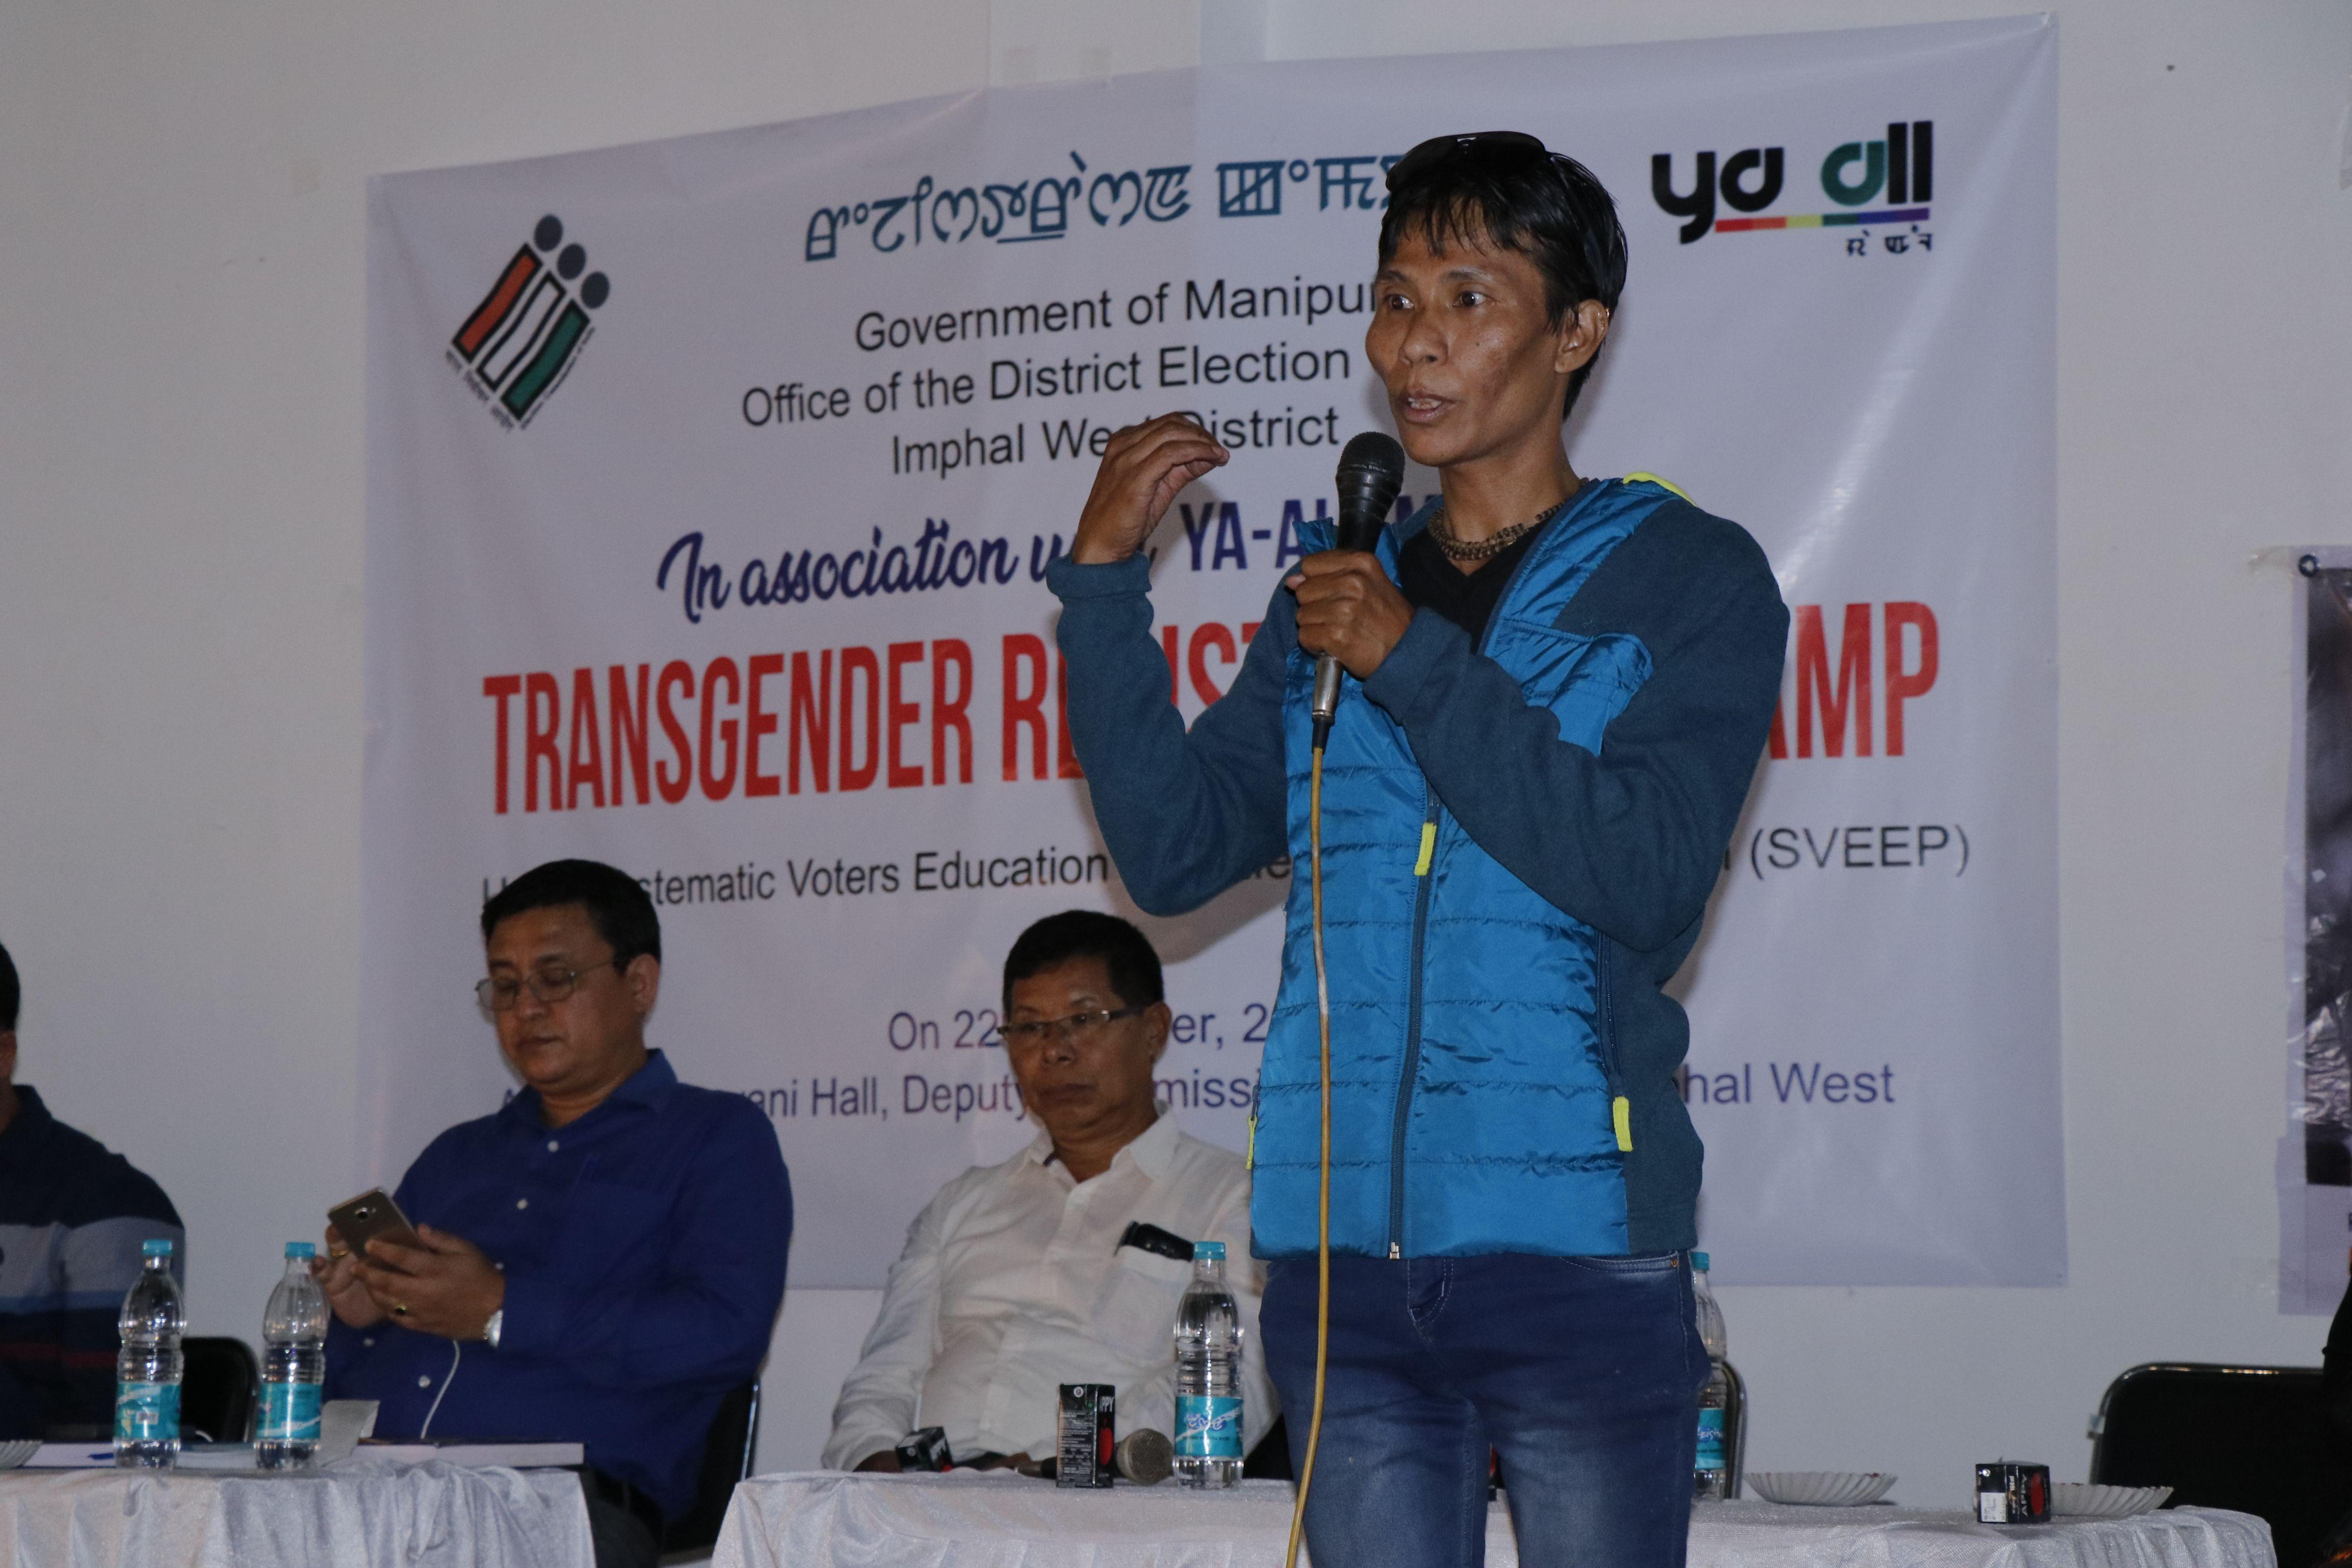 Transgender Registration Campaign